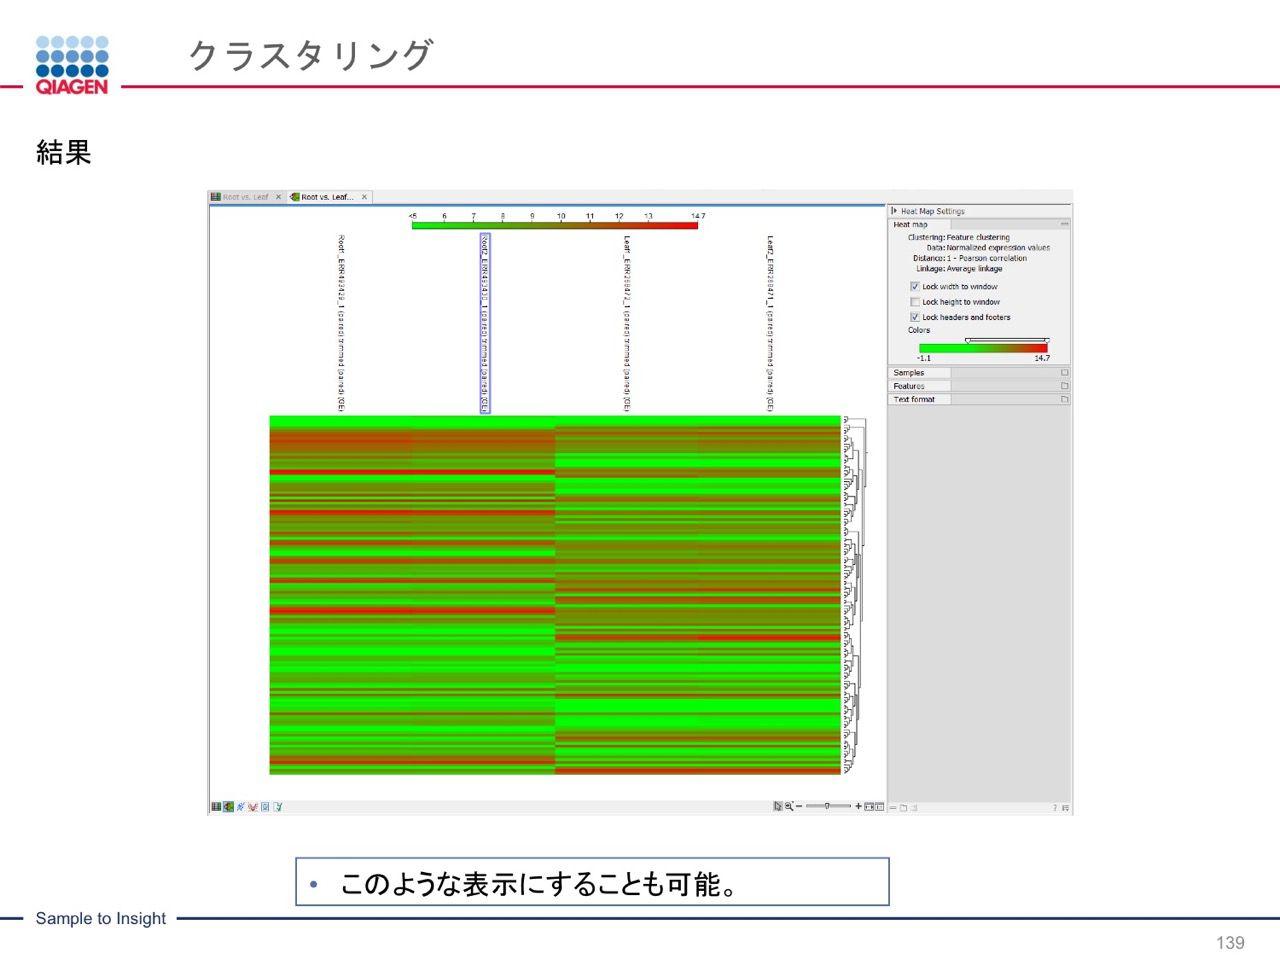 images/AJACSa2_miyamoto_139.jpg